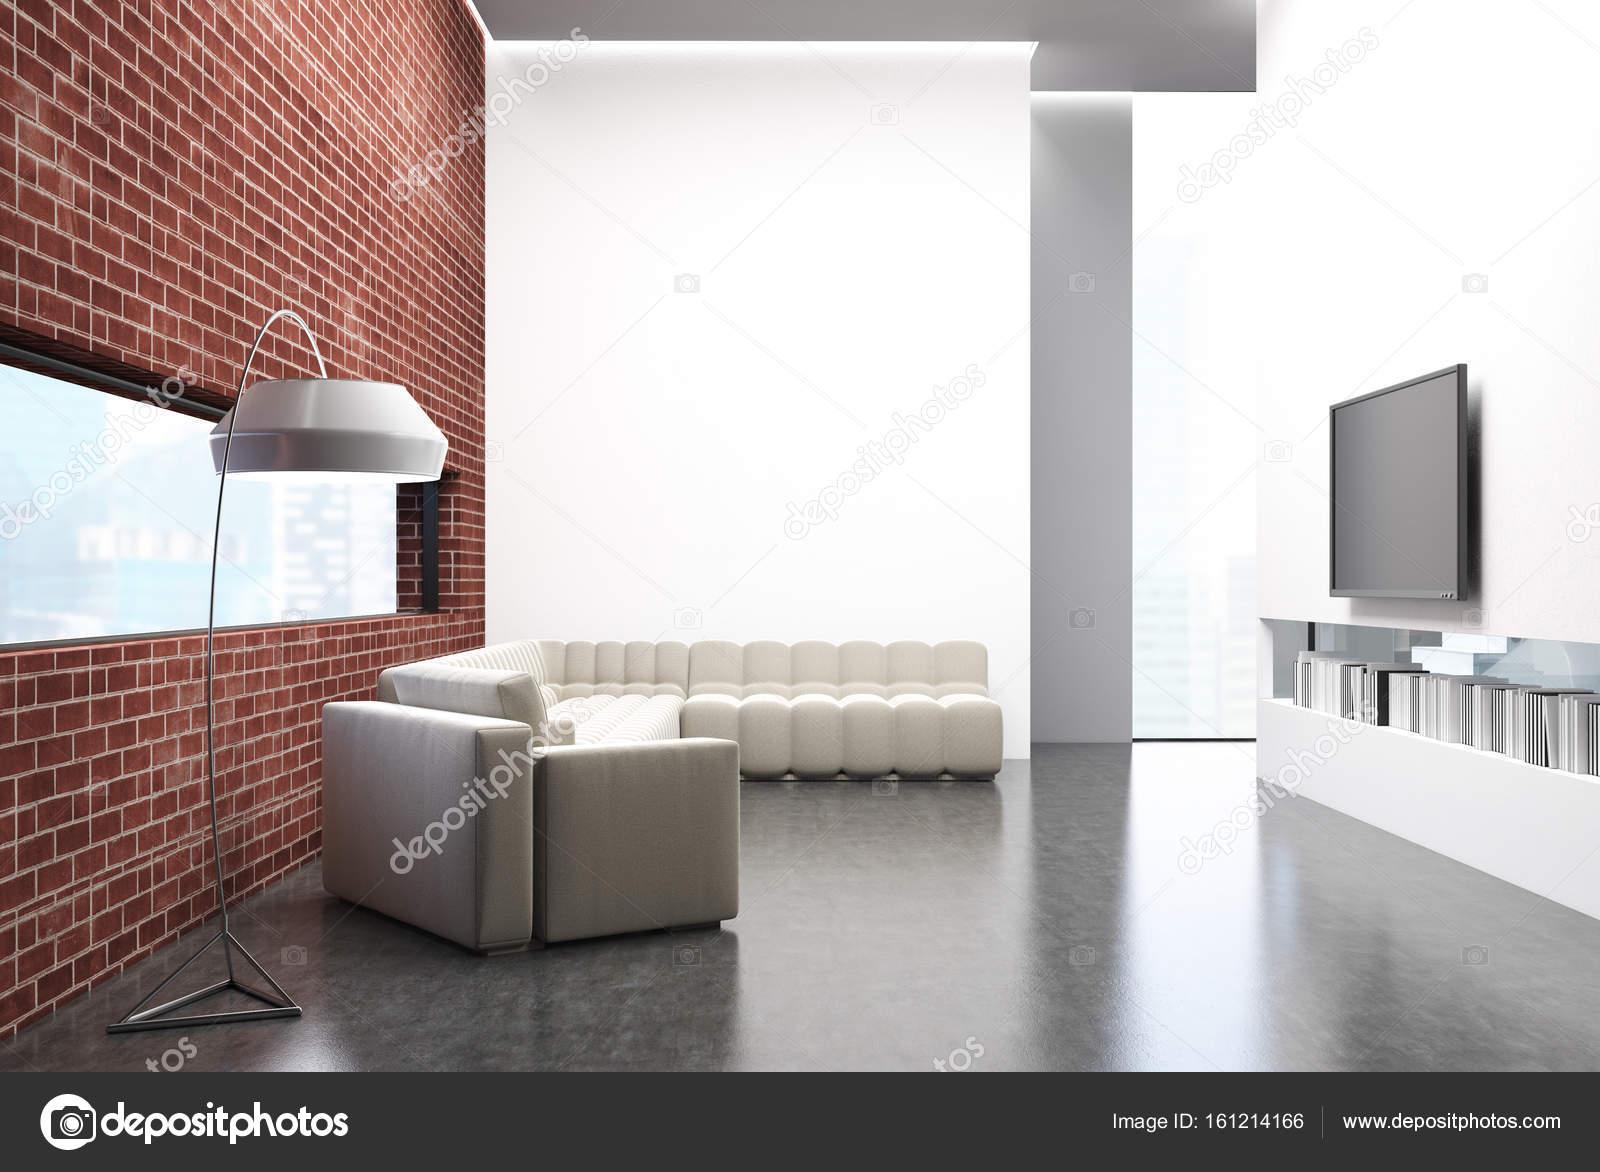 Ziegel-Wohnzimmer, ein Sofa, einen Fernseher und ein poster ...